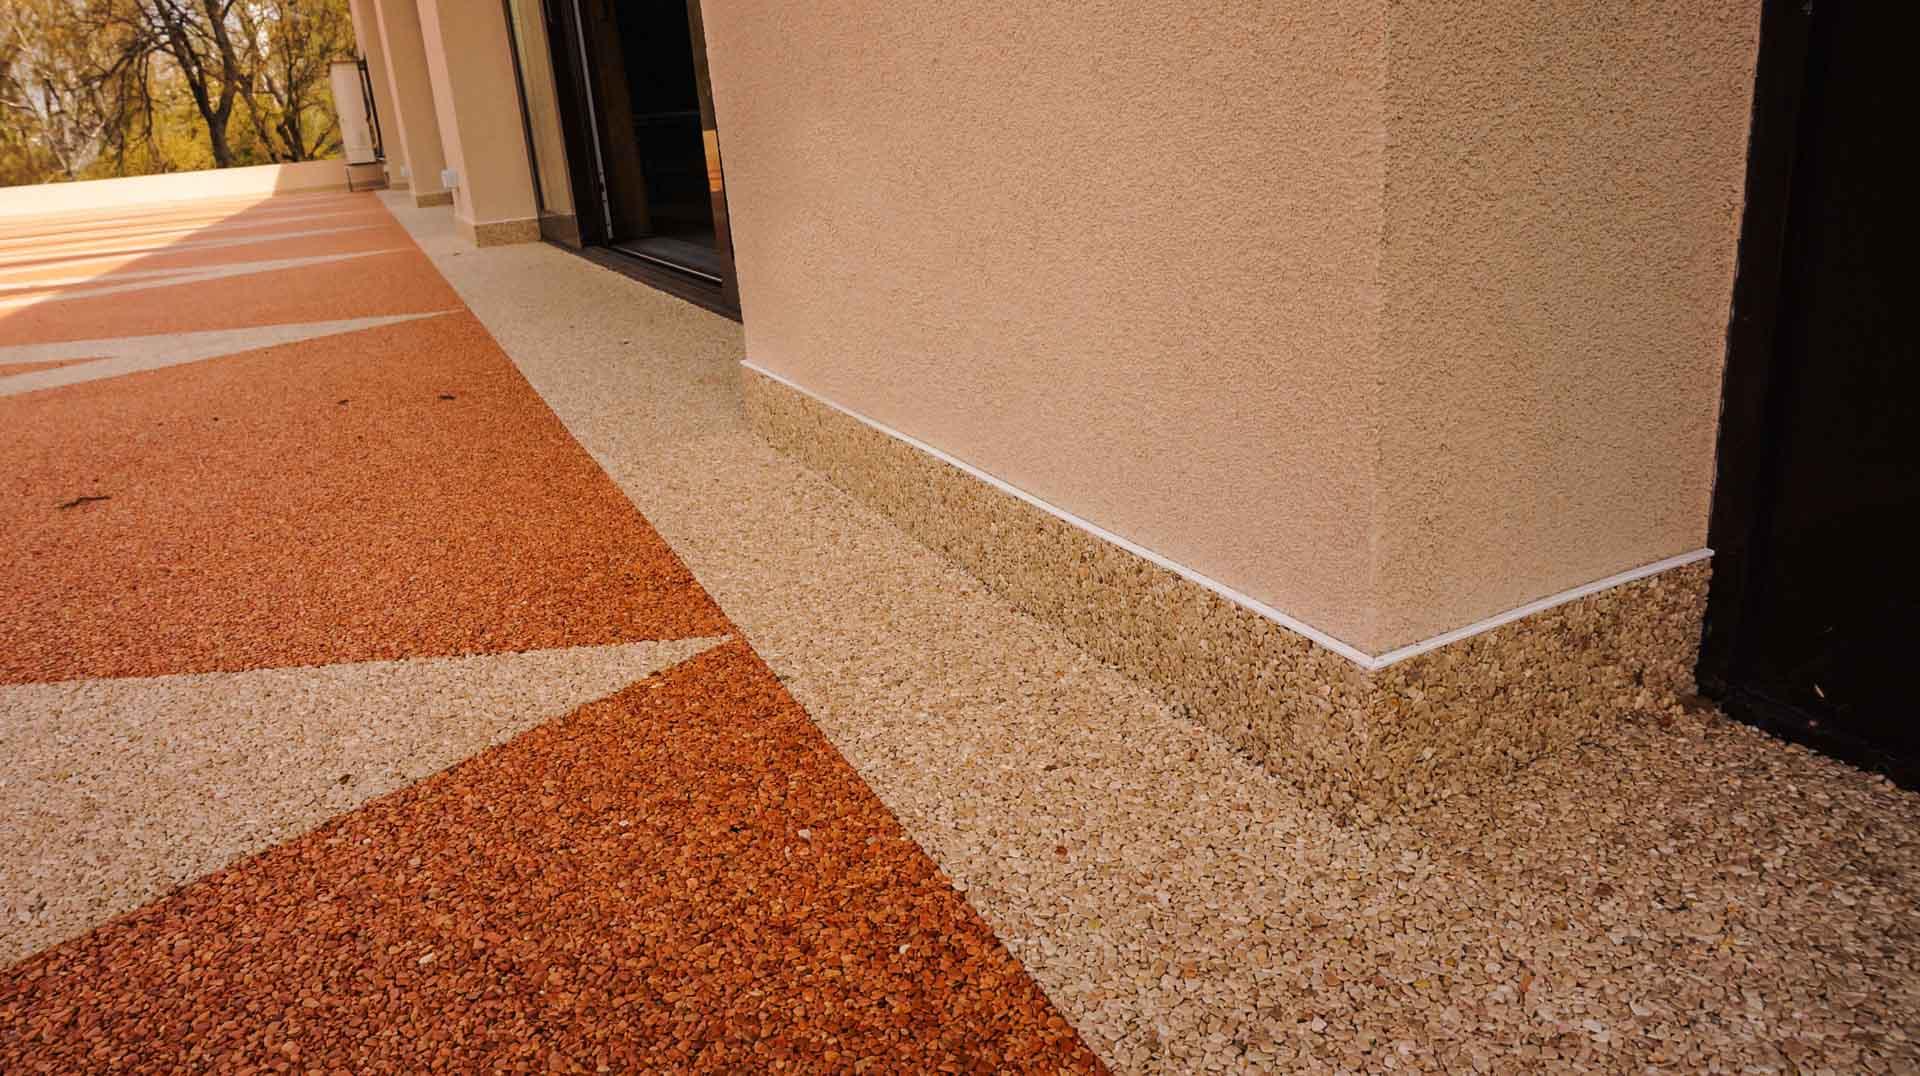 viarustik-stone-carpet-base&plinth